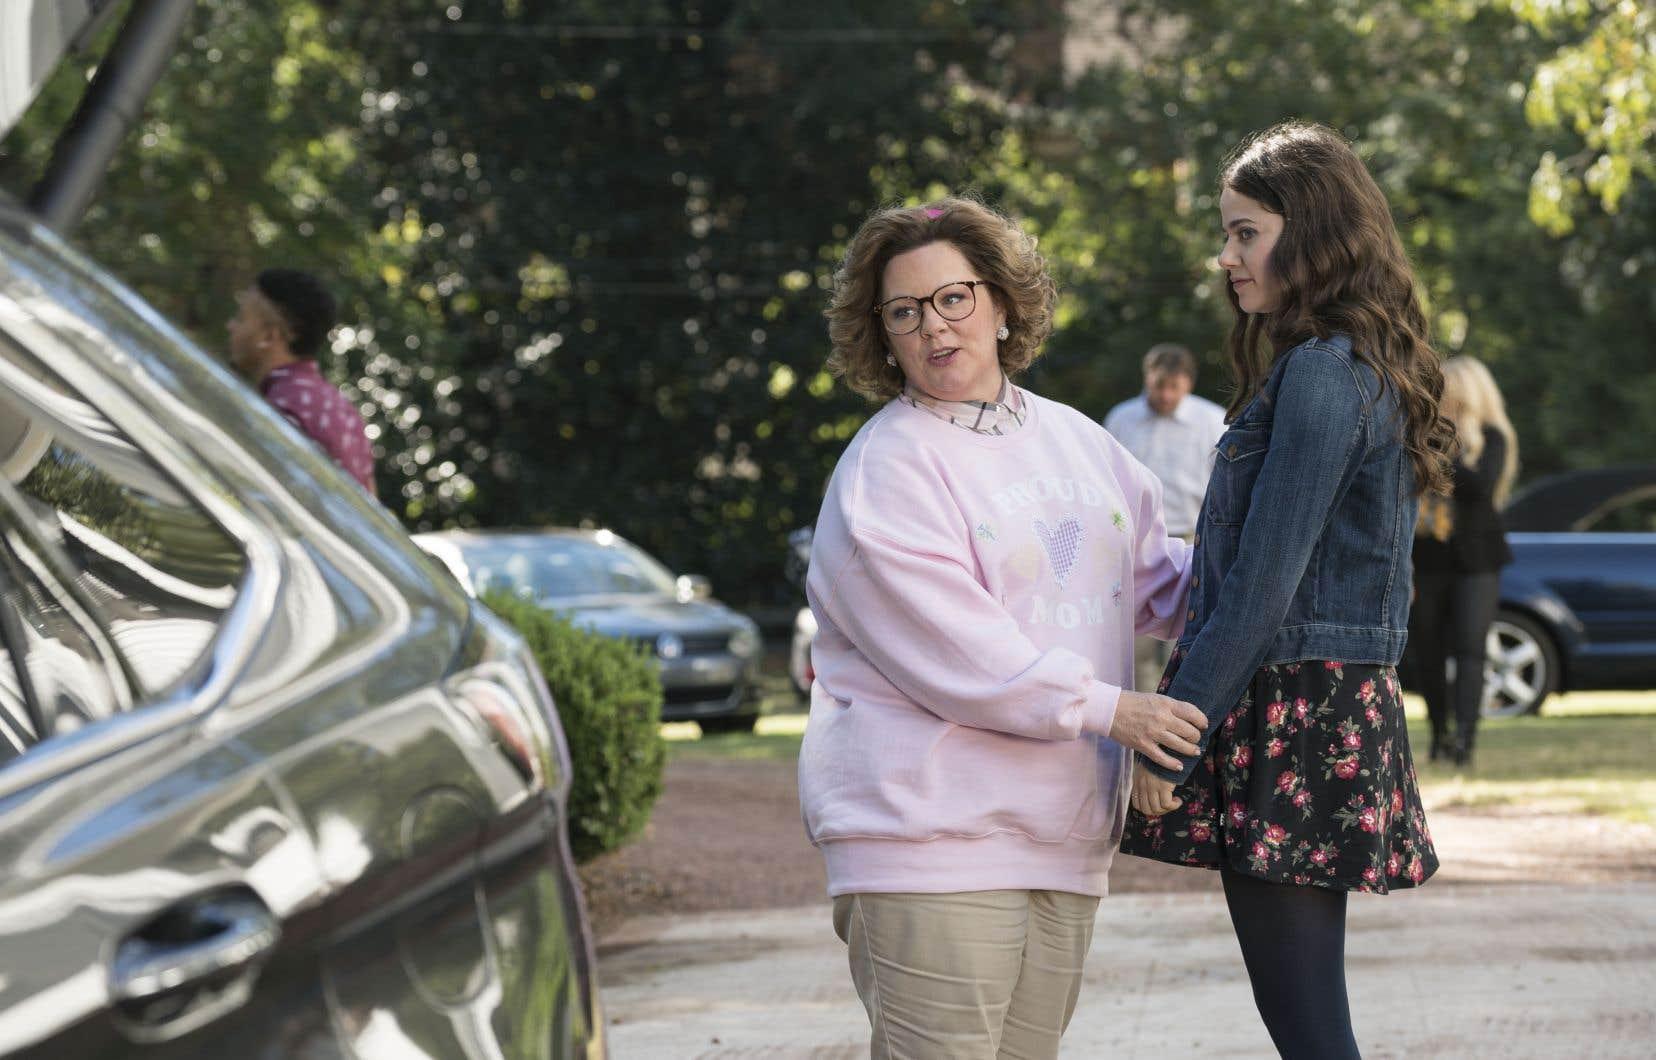 Comédie gentille et conventionnelle sur l'«empowerment» au féminin, «La reine de la fête» ressasse tous les clichés du film de campus.